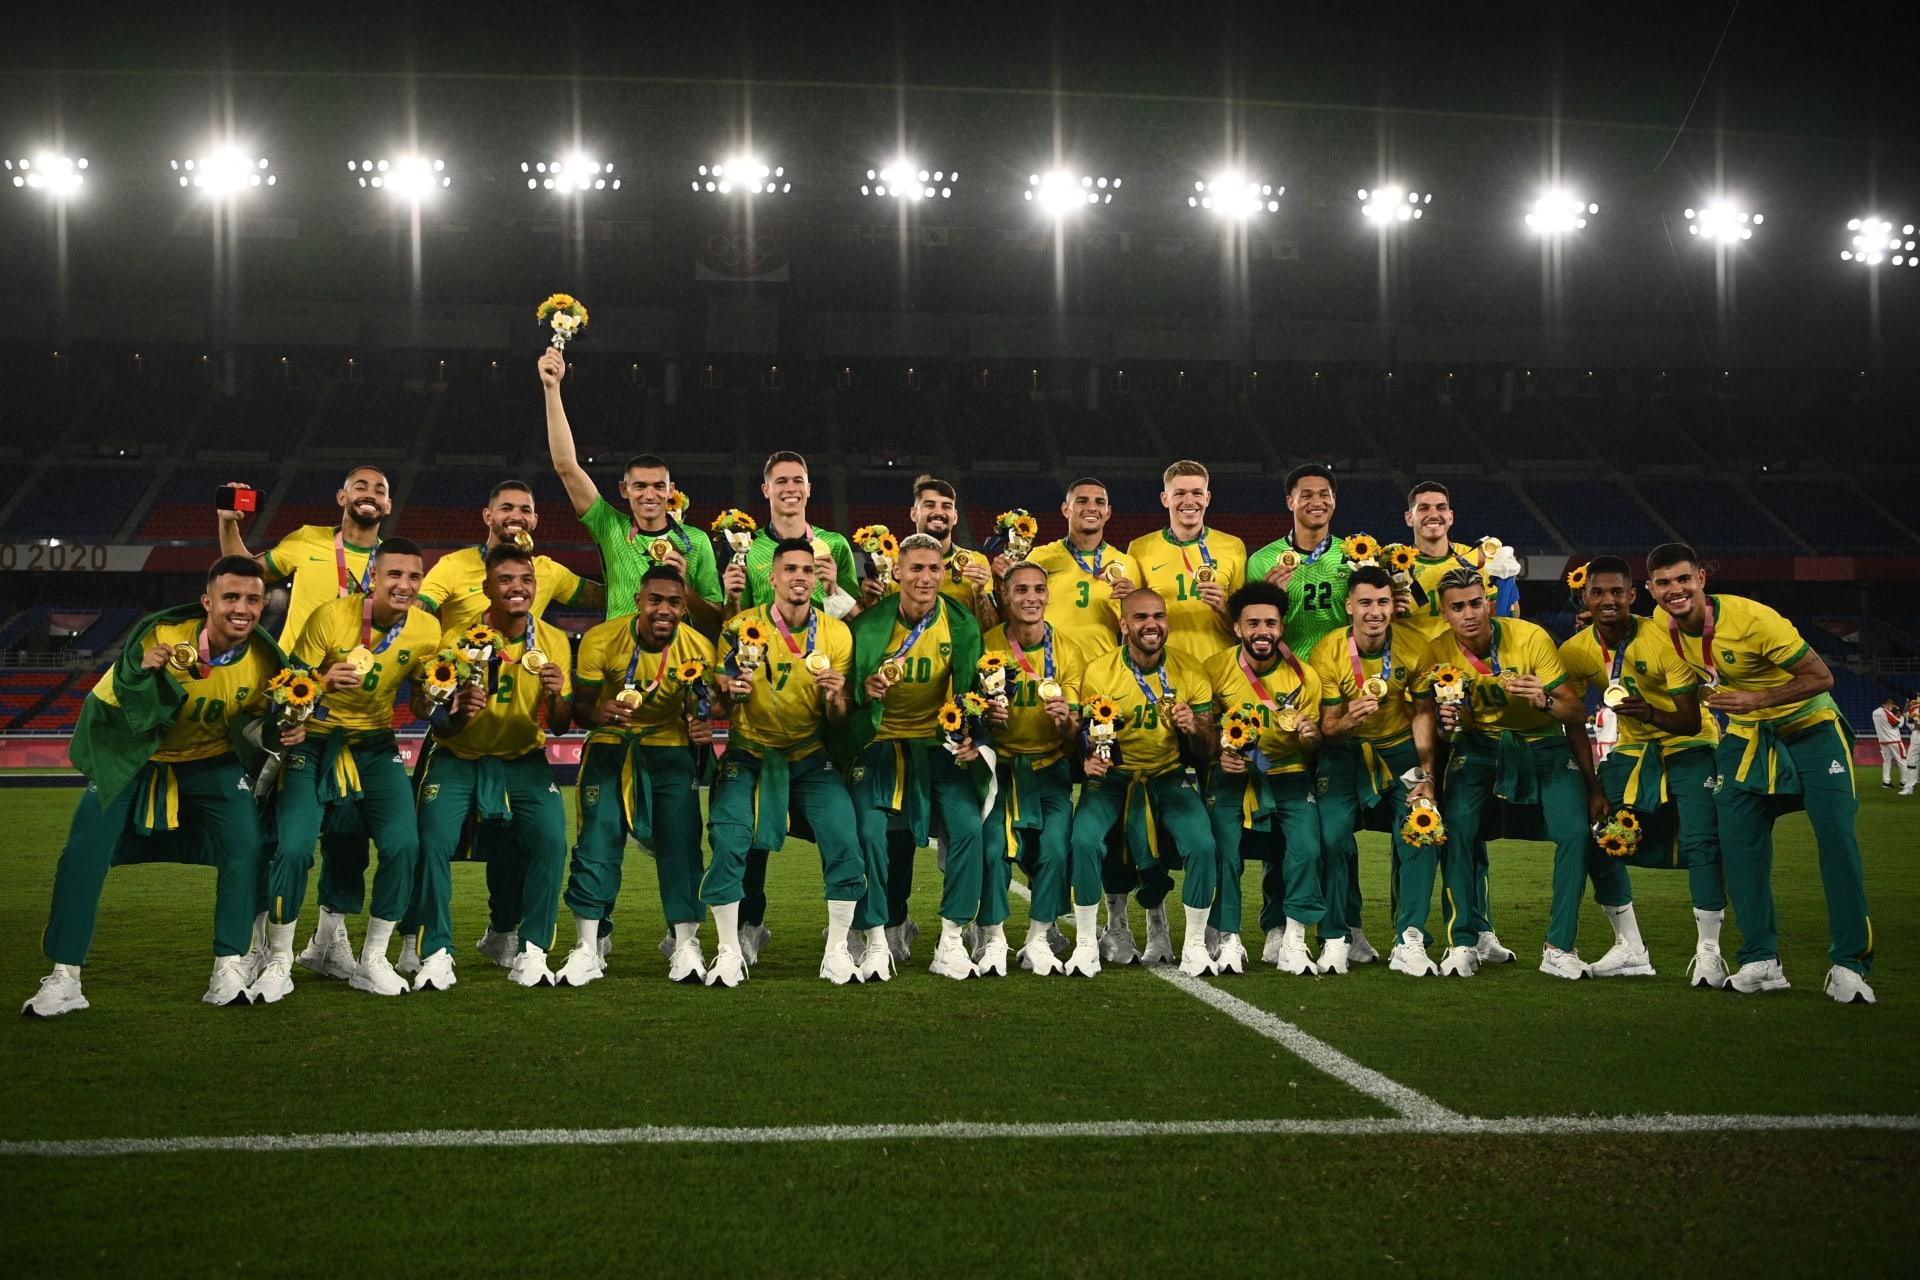 البرازيل تفوز على إسبانيا.. وتنتزع ذهبية كرة القدم في أولمبياد طوكيو